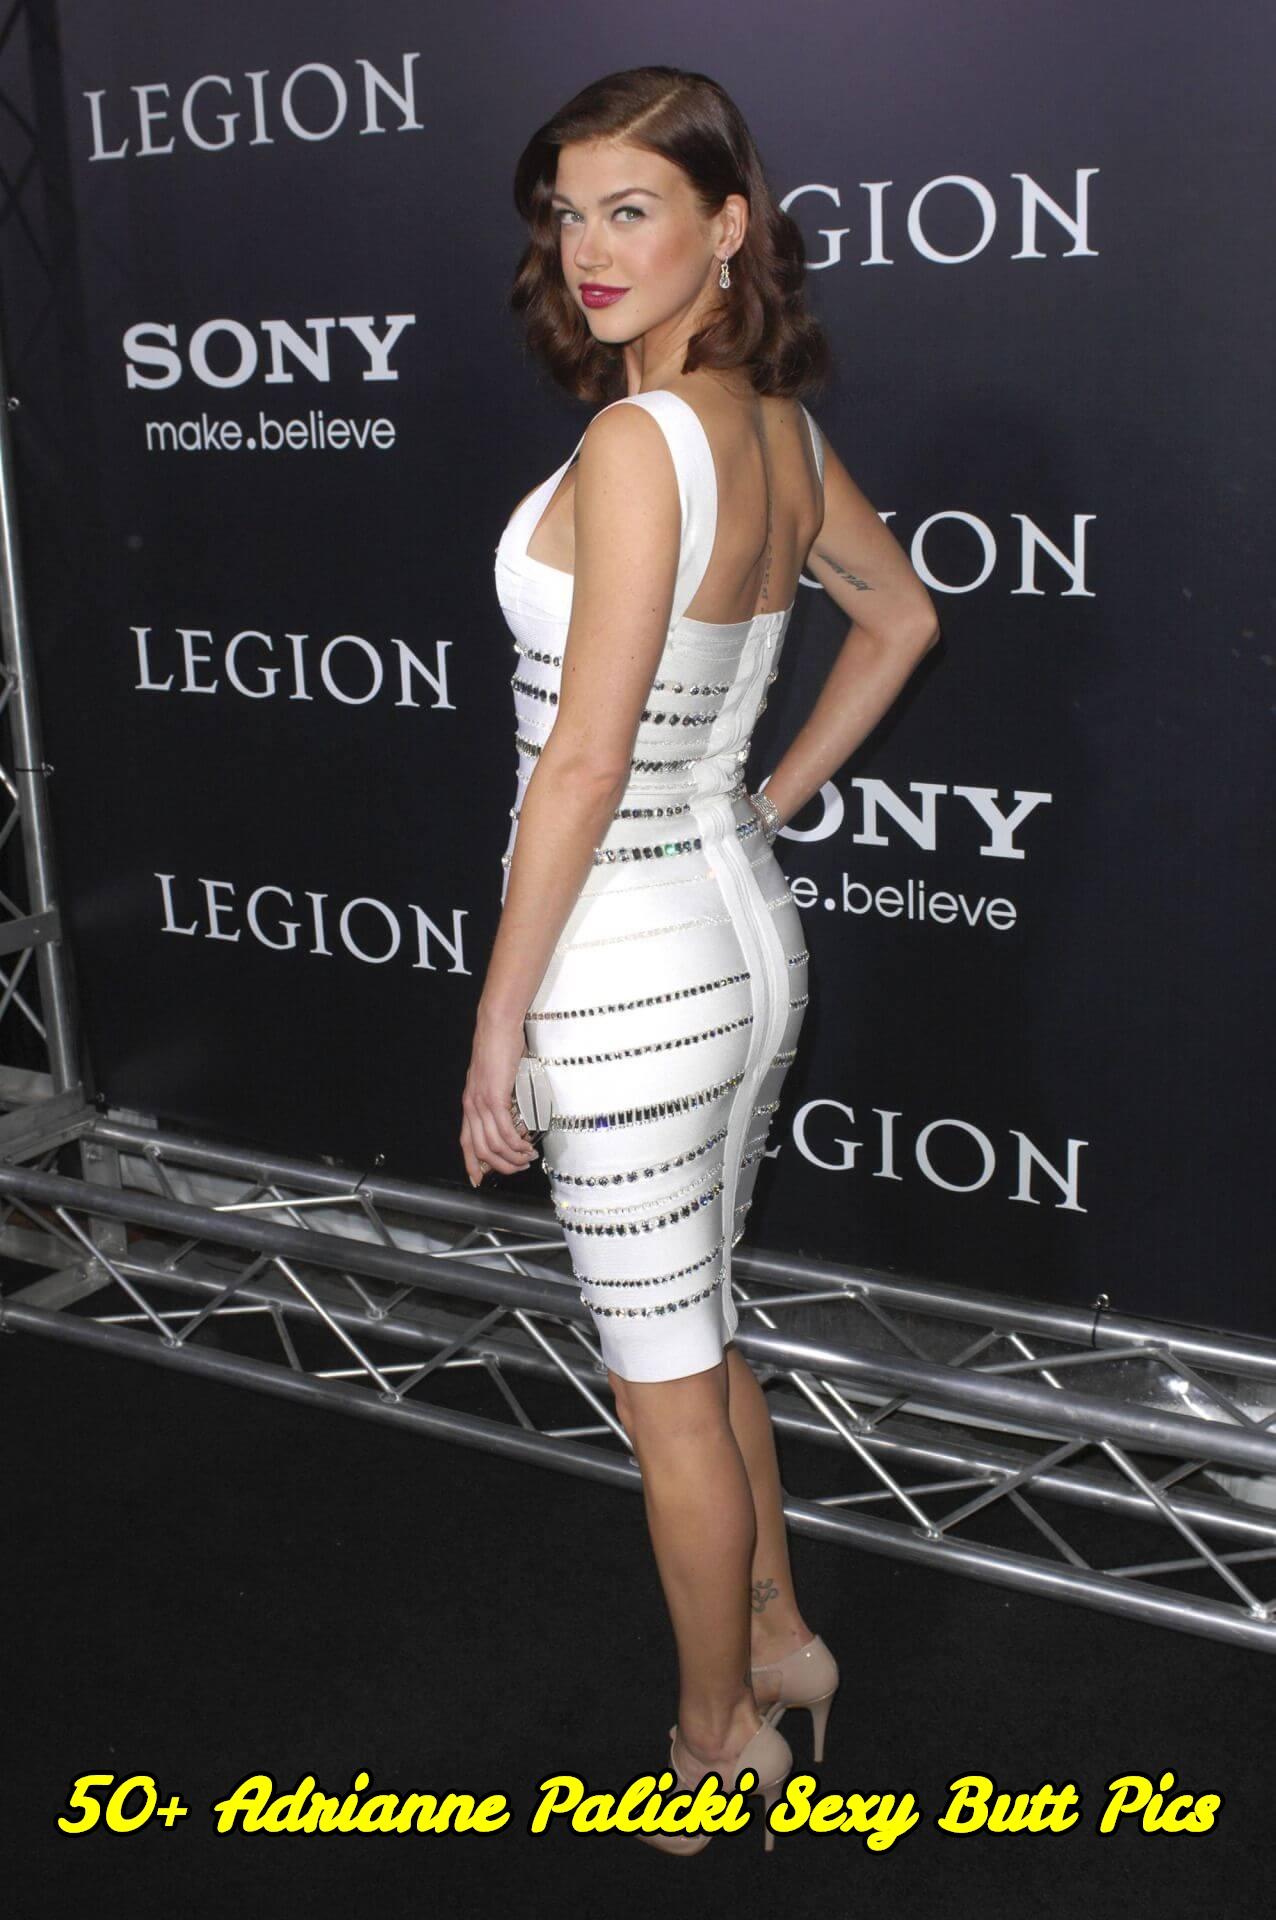 Adrianne Palicki sexy butt pics